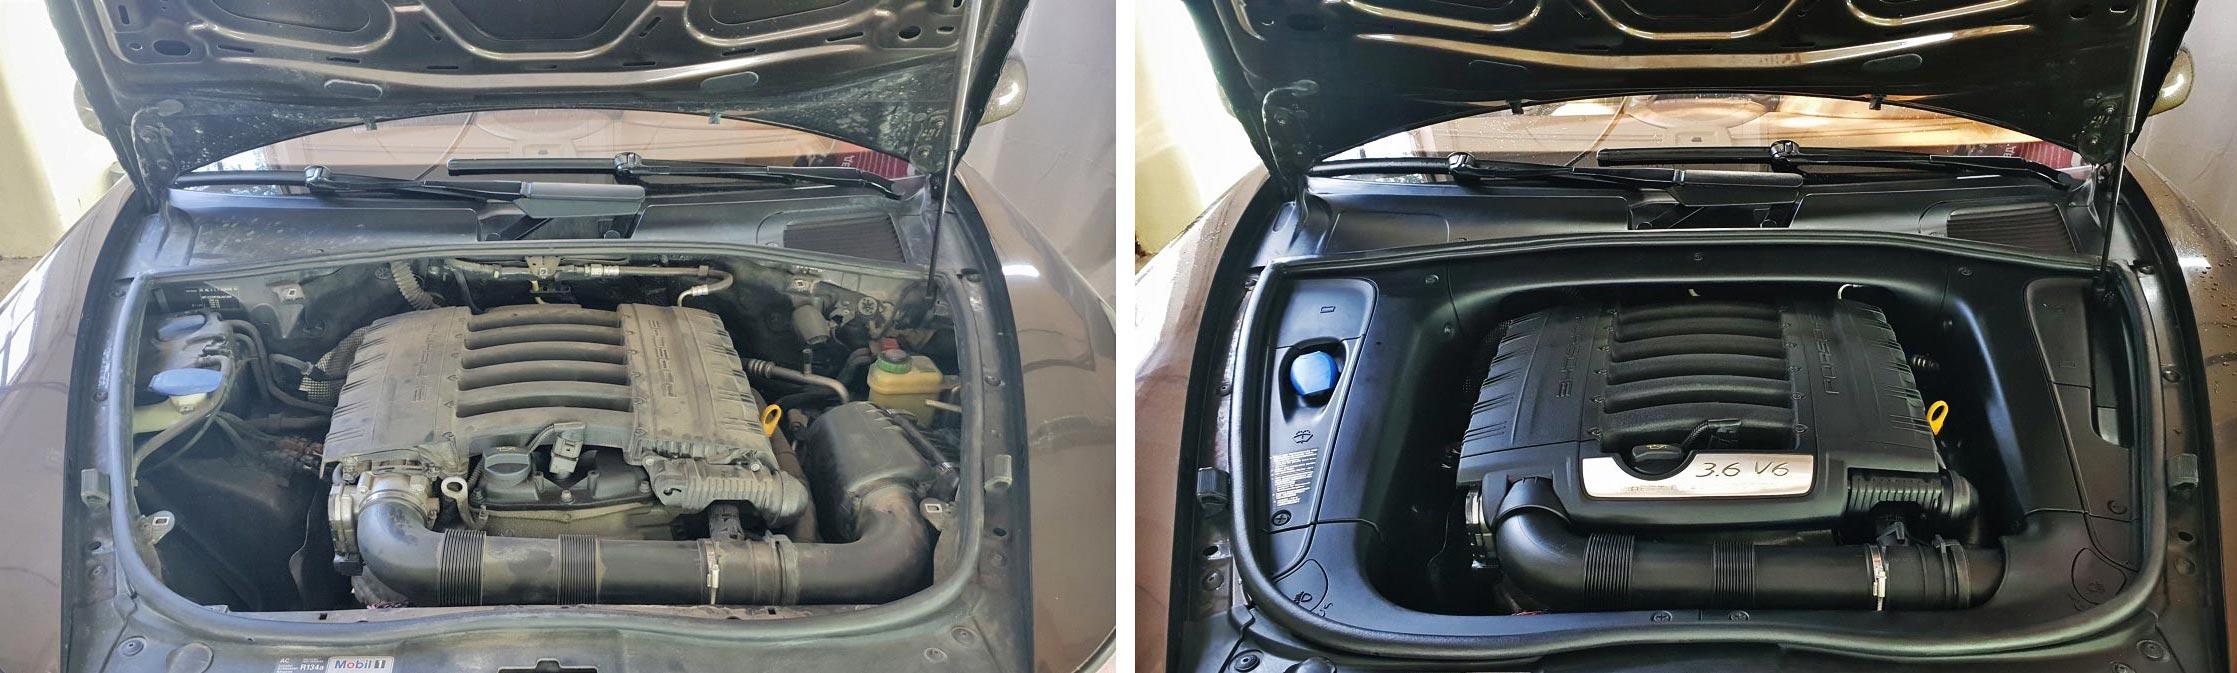 Мотор до и после мойки. Сравните.